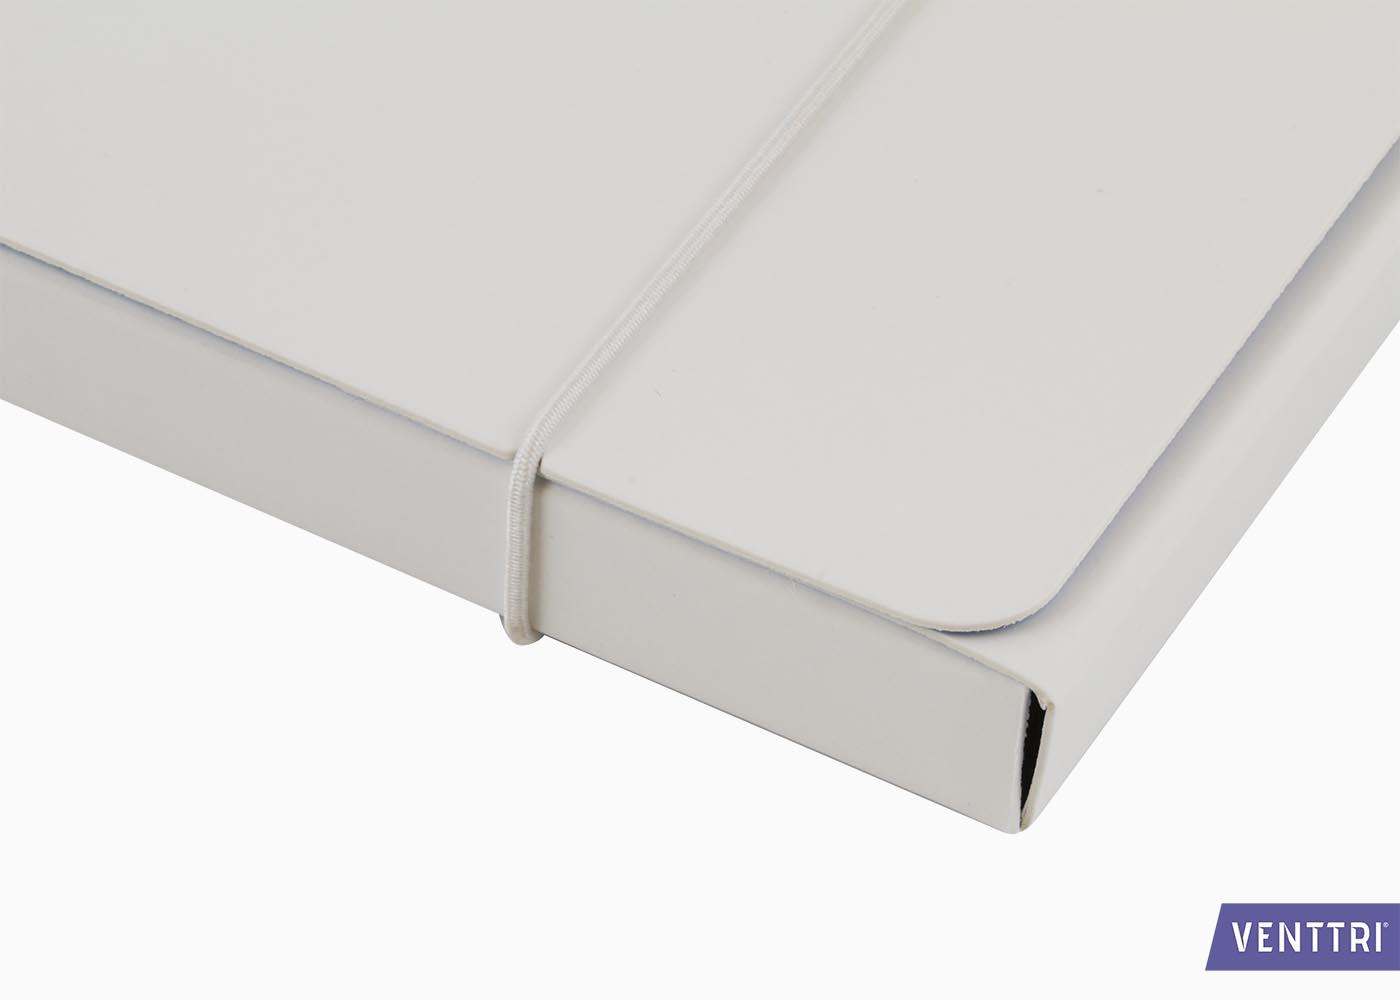 Bedrukte offertemap met elastieksluiting 2